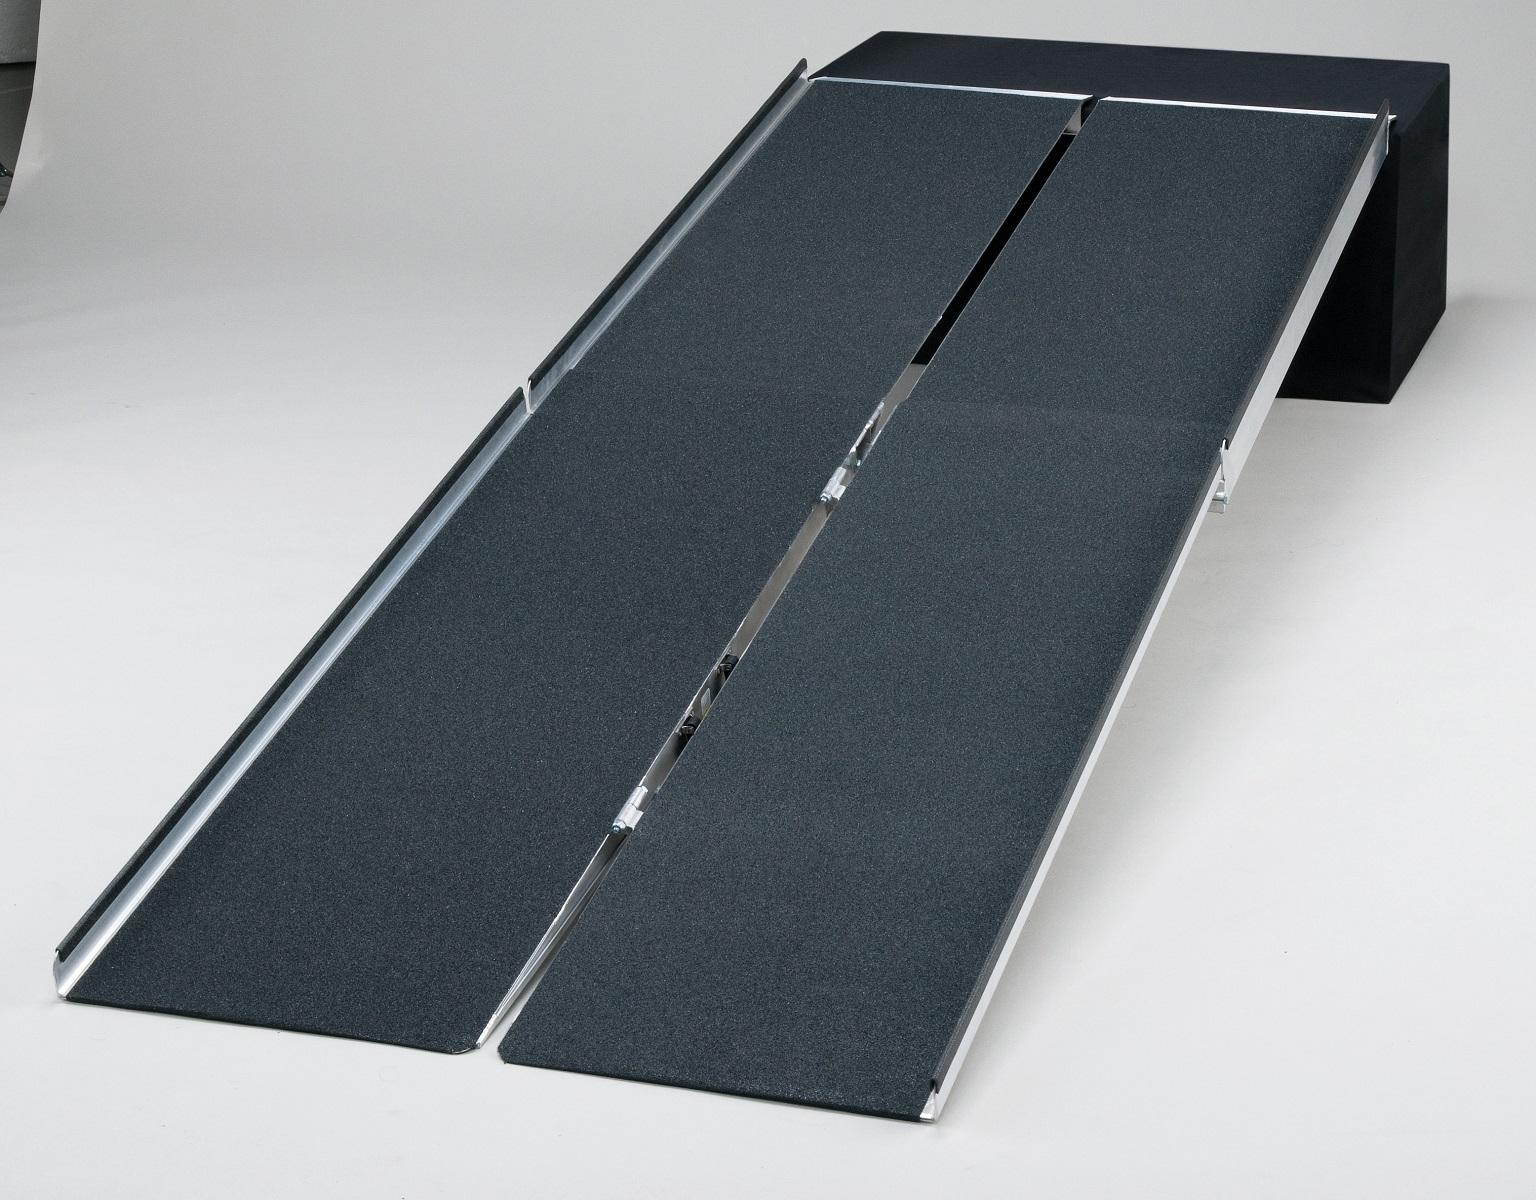 【施設配送限定・個人宅不可】ポータブルスロープ アルミ4折式3mタイプ PVW300 車椅子/車いす/車イス/段差解消/介護/折りたたみ/折り畳み